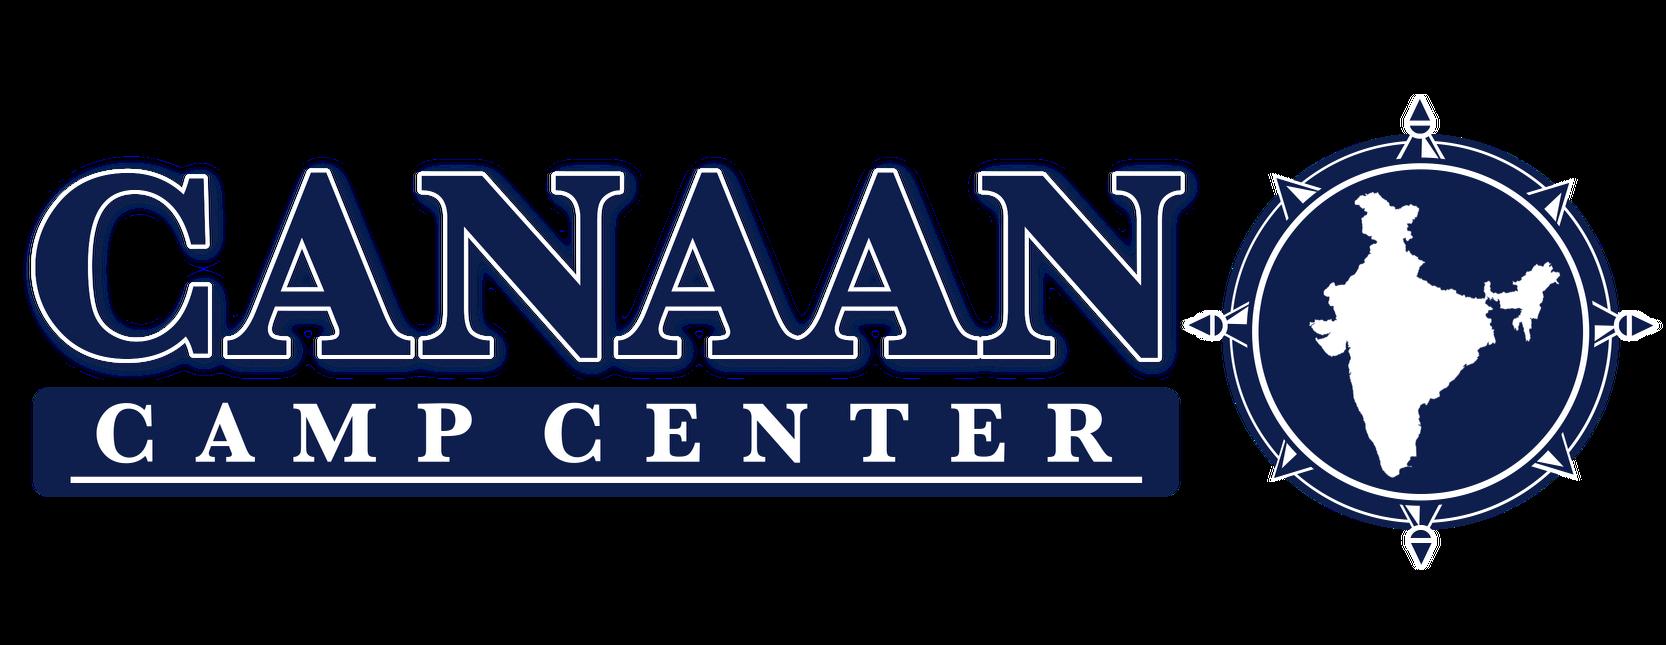 Canaan Camp Center